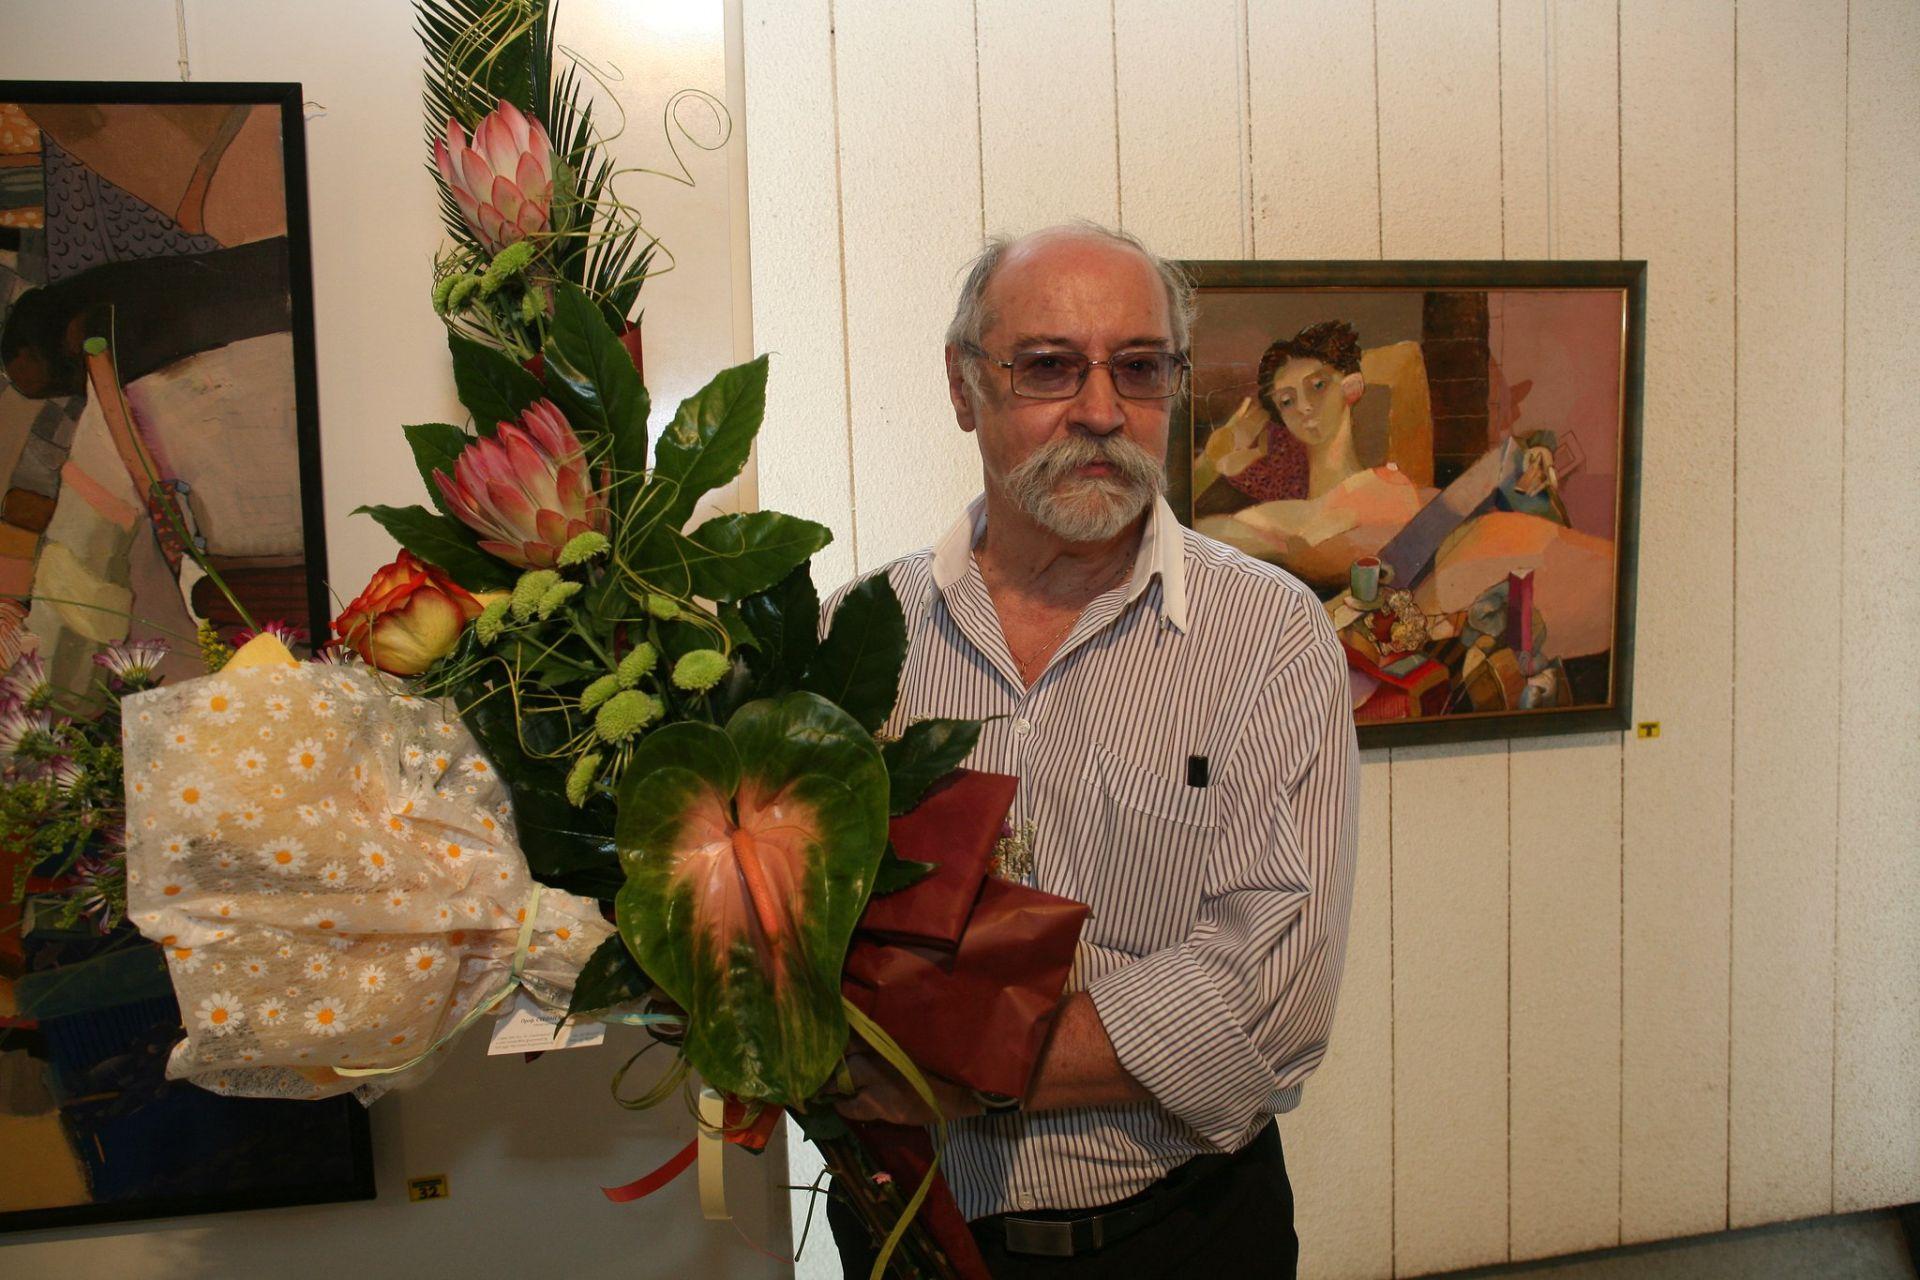 Художникът на Борисов и Вучич: Хейтъри, не съществувате, рисувал съм Фандъкова и Гунди (СНИМКИ)